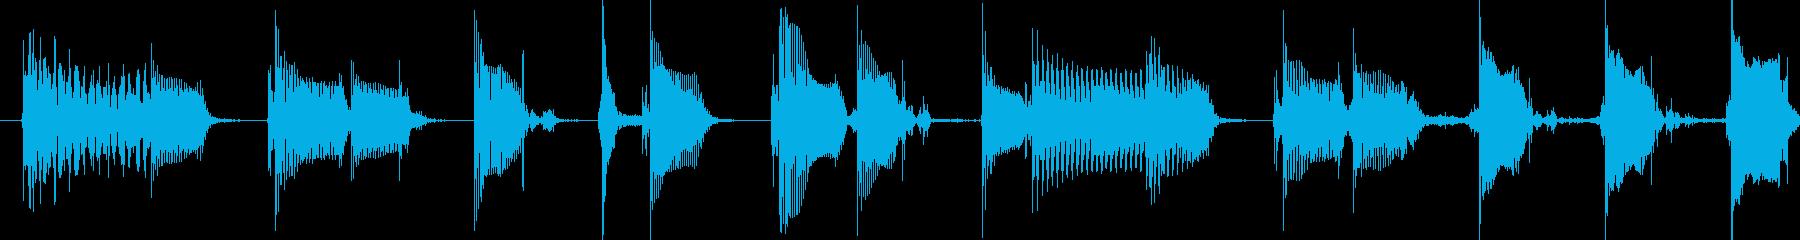 ディストーションギター ジングルの再生済みの波形